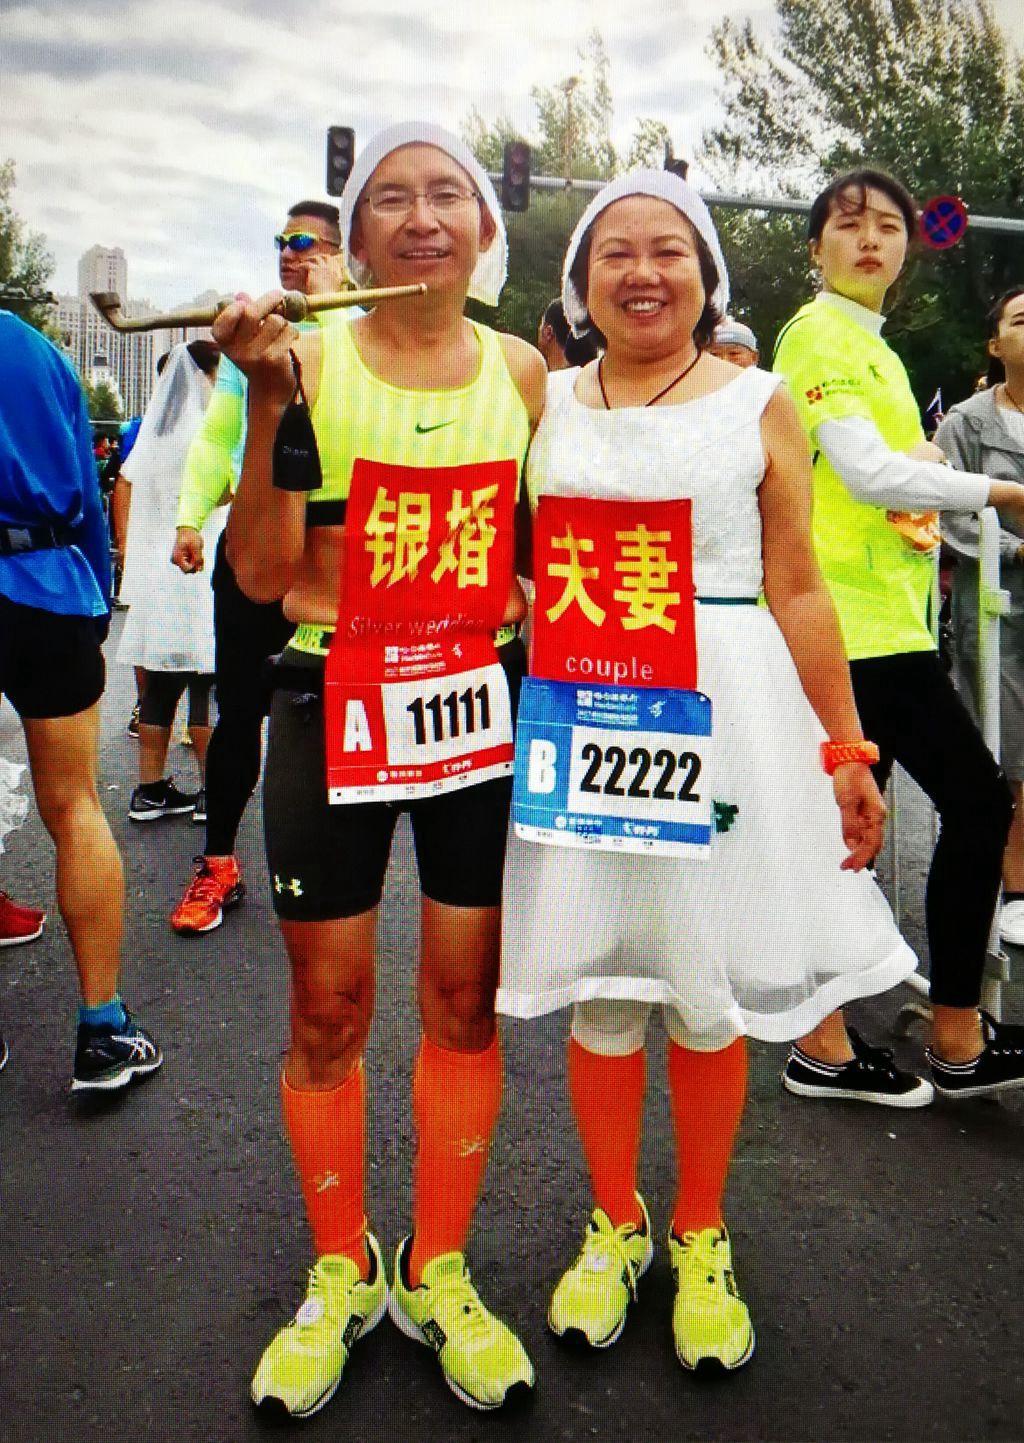 马拉松赛中的银婚夫妻